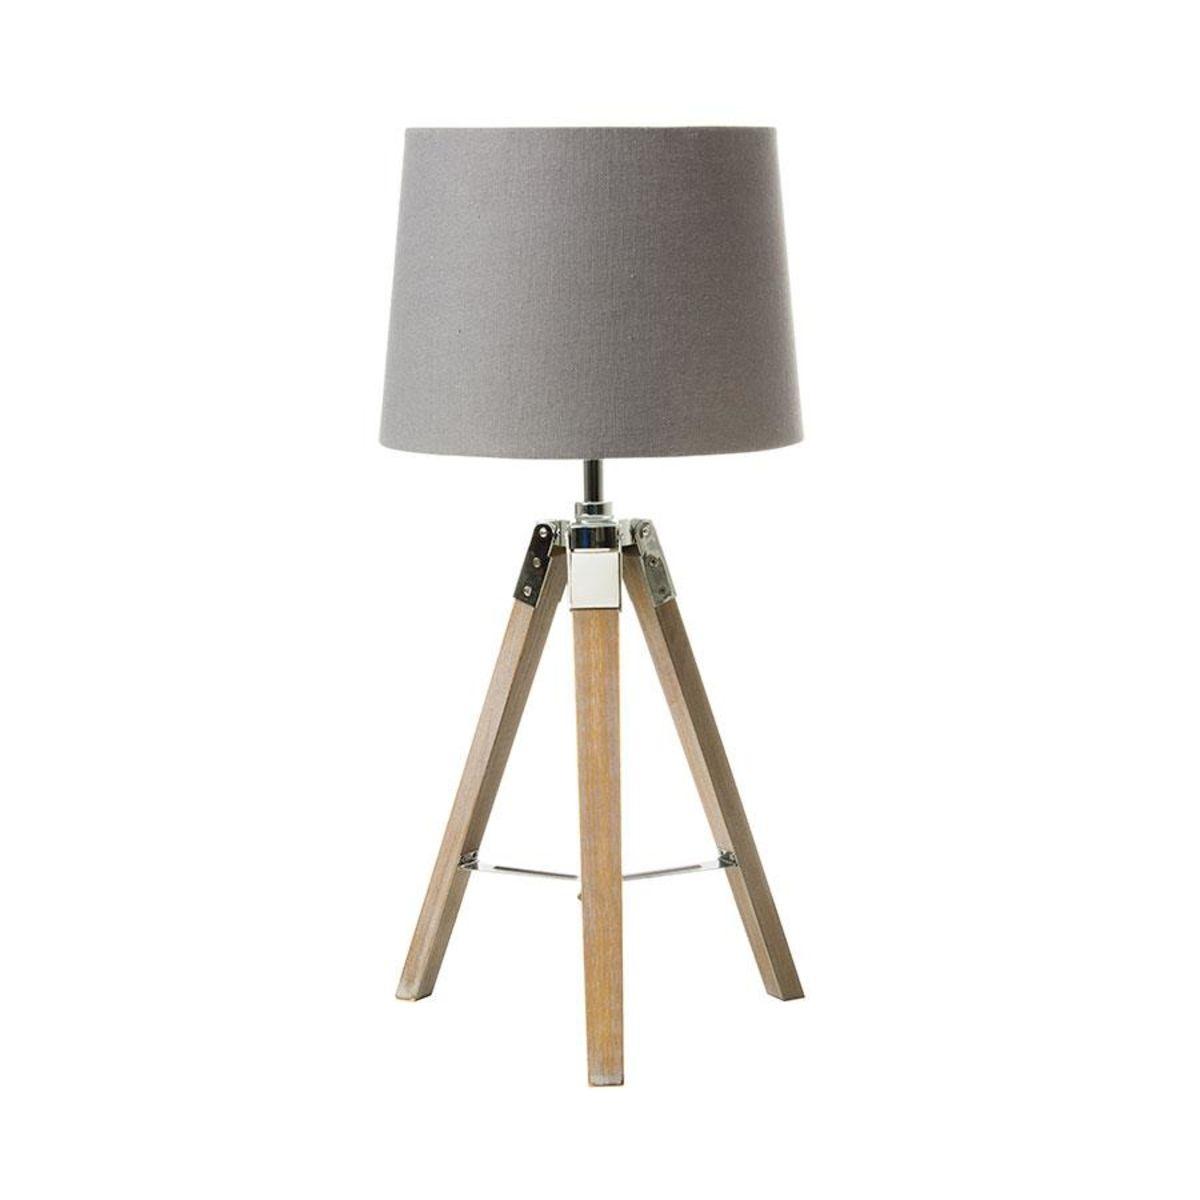 Tripod table lamp homemaker roslyns house pinterest tripod